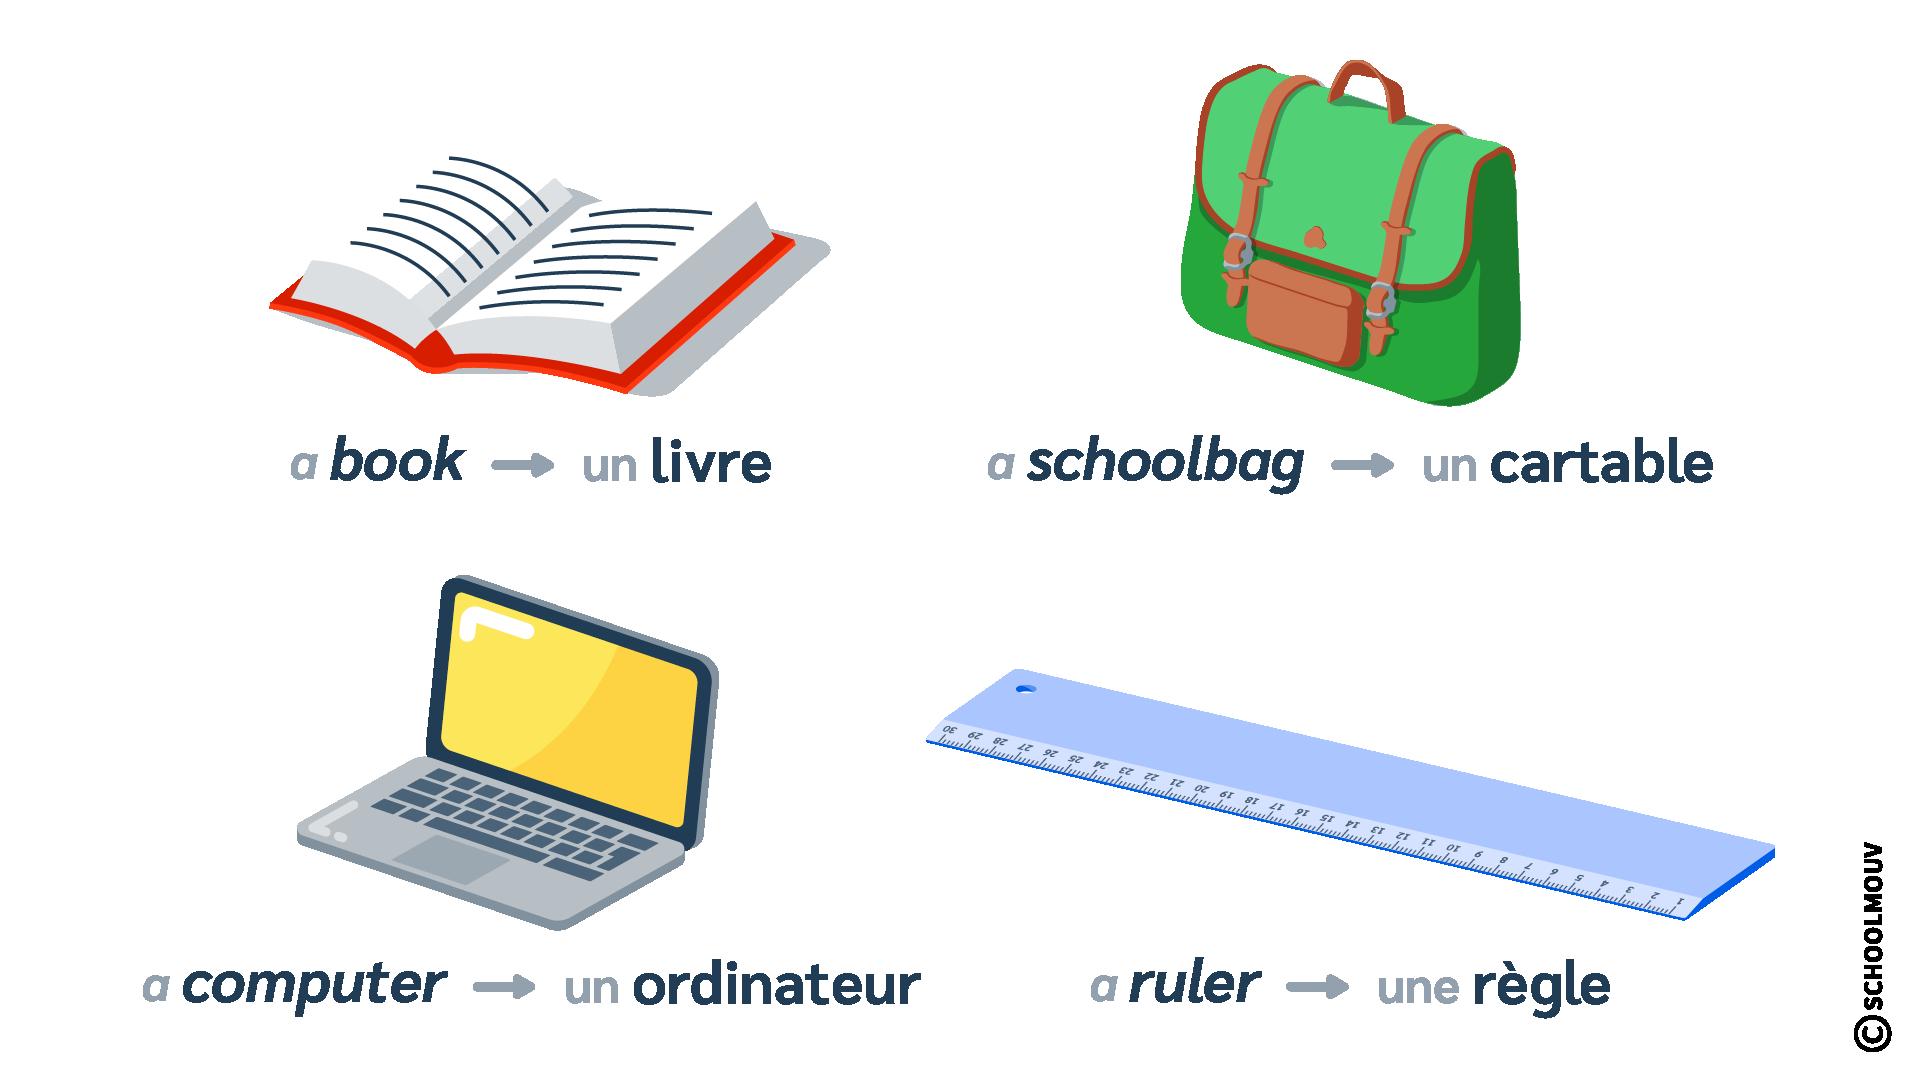 objets classe classroom anglais